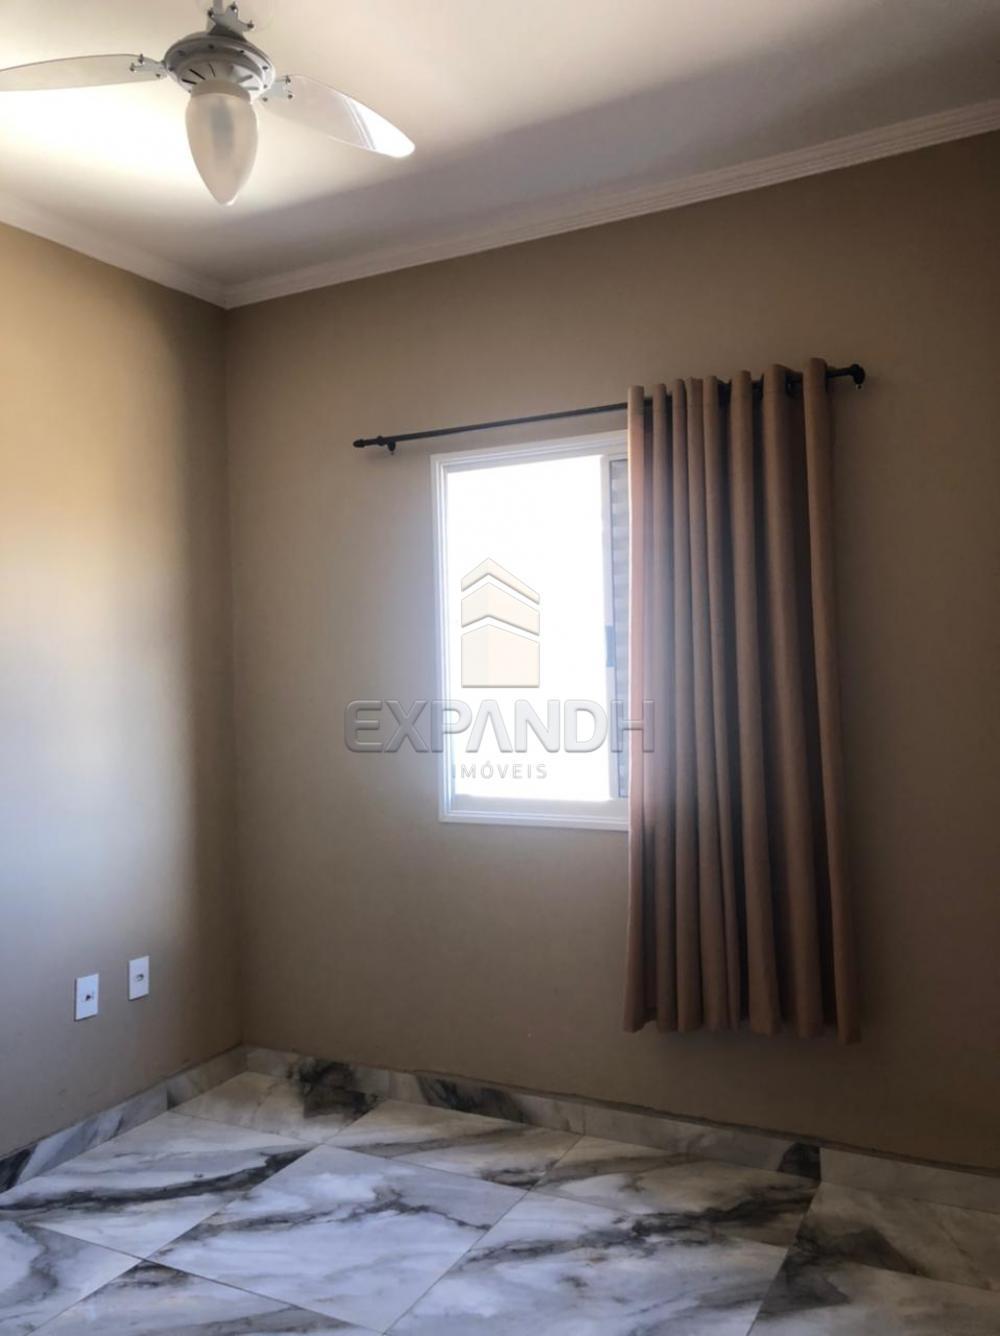 Alugar Apartamentos / Padrão em Sertãozinho R$ 675,00 - Foto 8